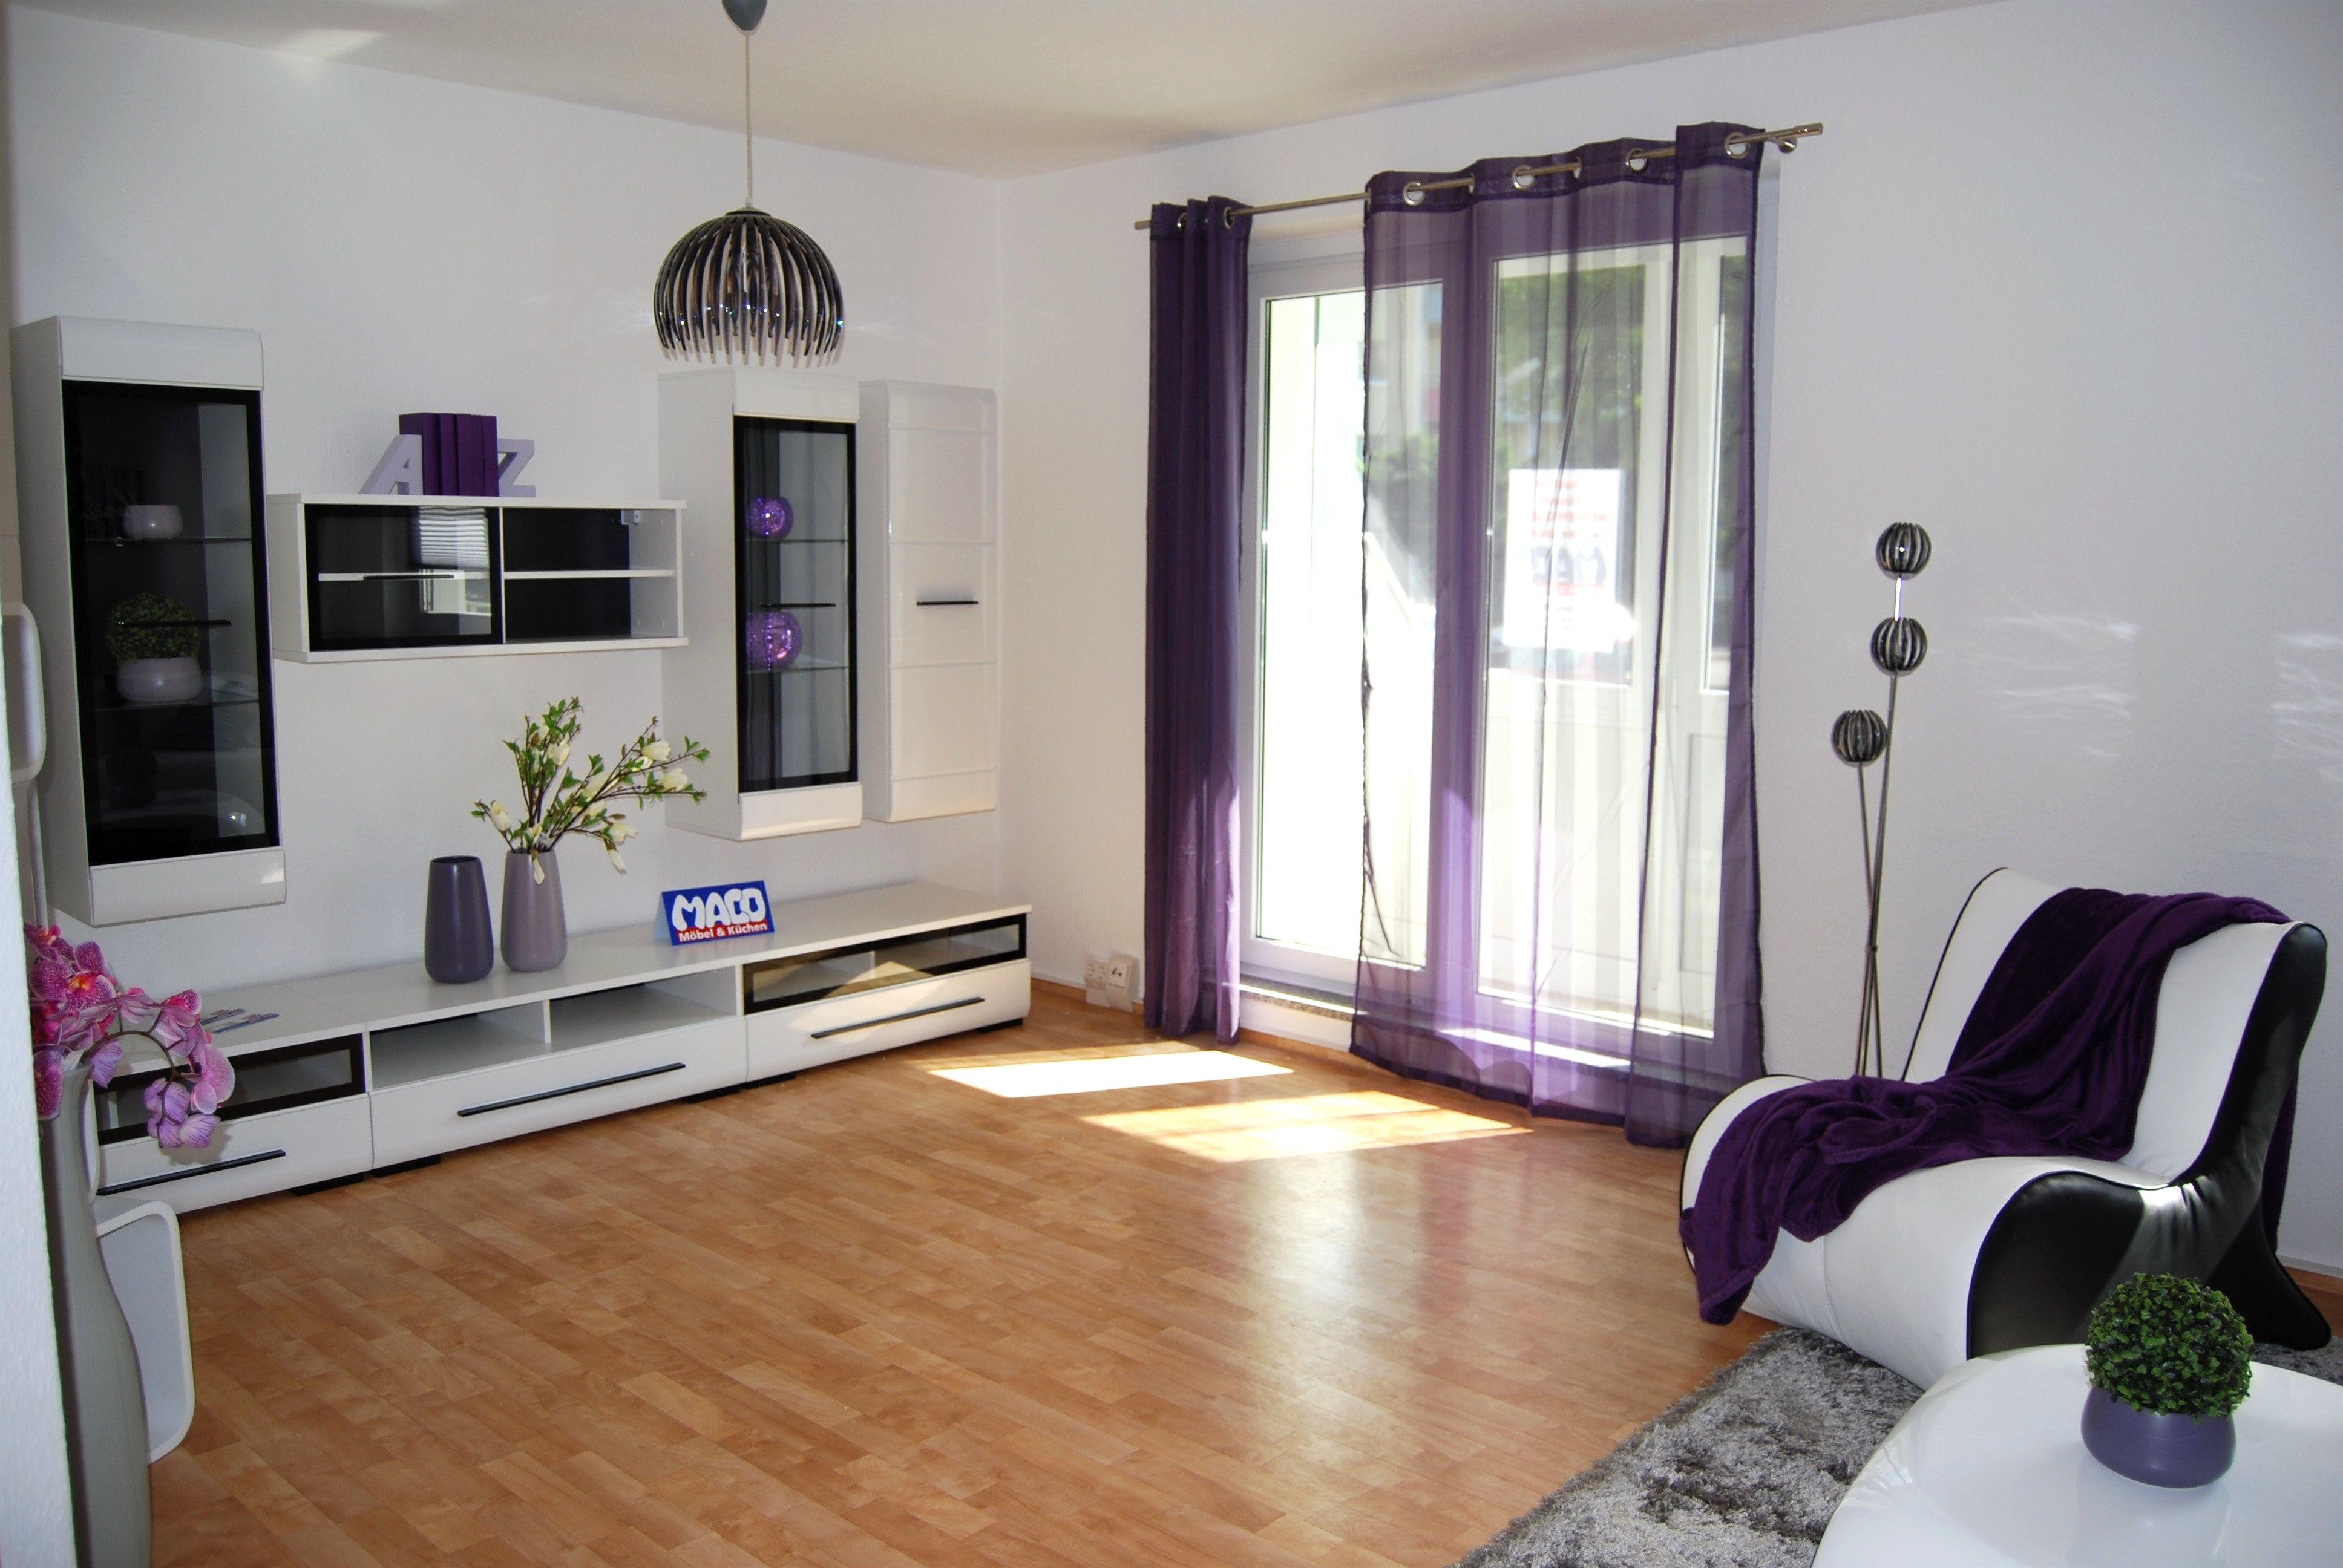 20 qm wohnzimmer einrichten | apartment interior design